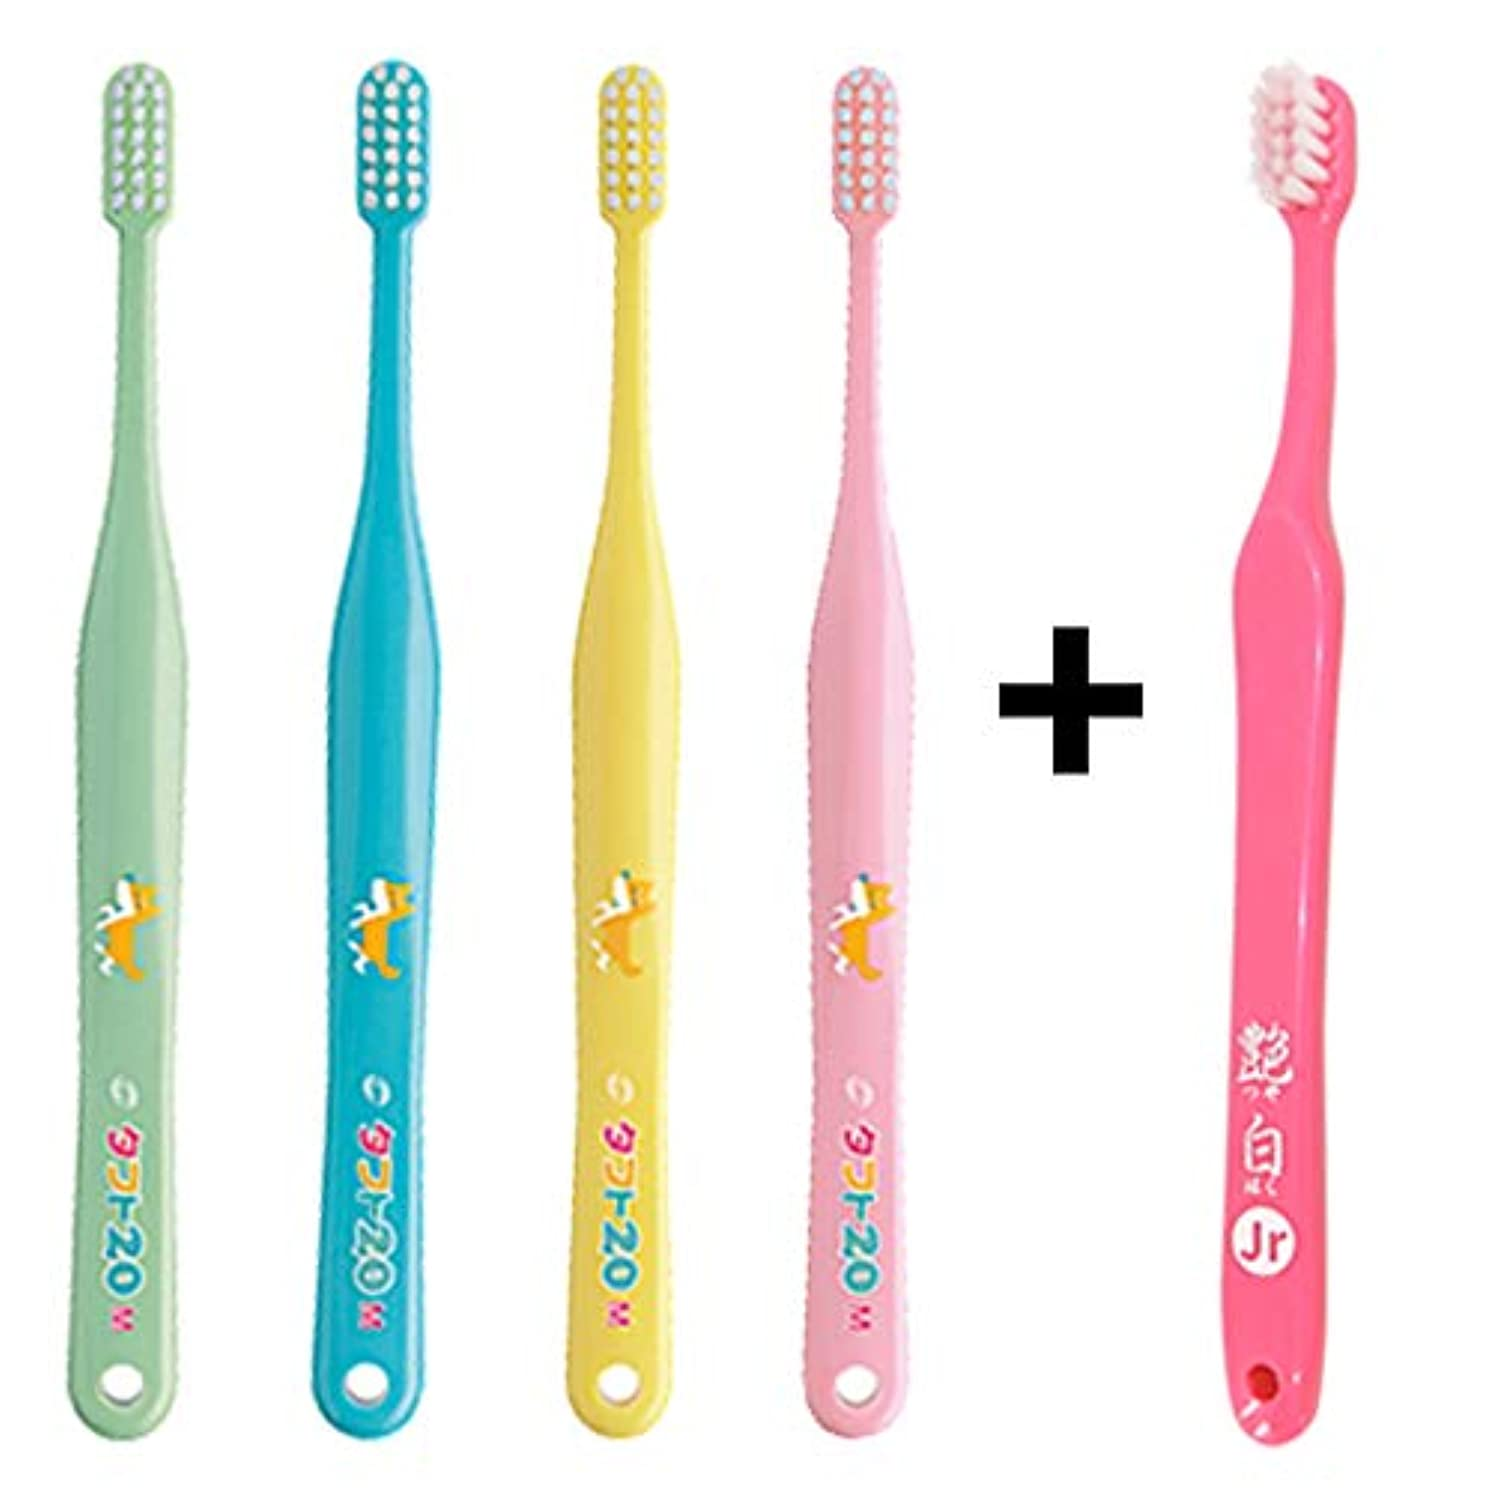 望みツーリストつぶやきタフト20 M(ふつう) こども 歯ブラシ×10本 + 艶白(つやはく) Jr ジュニア ハブラシ×1本 MS(やややわらかめ) 日本製 歯科専売品